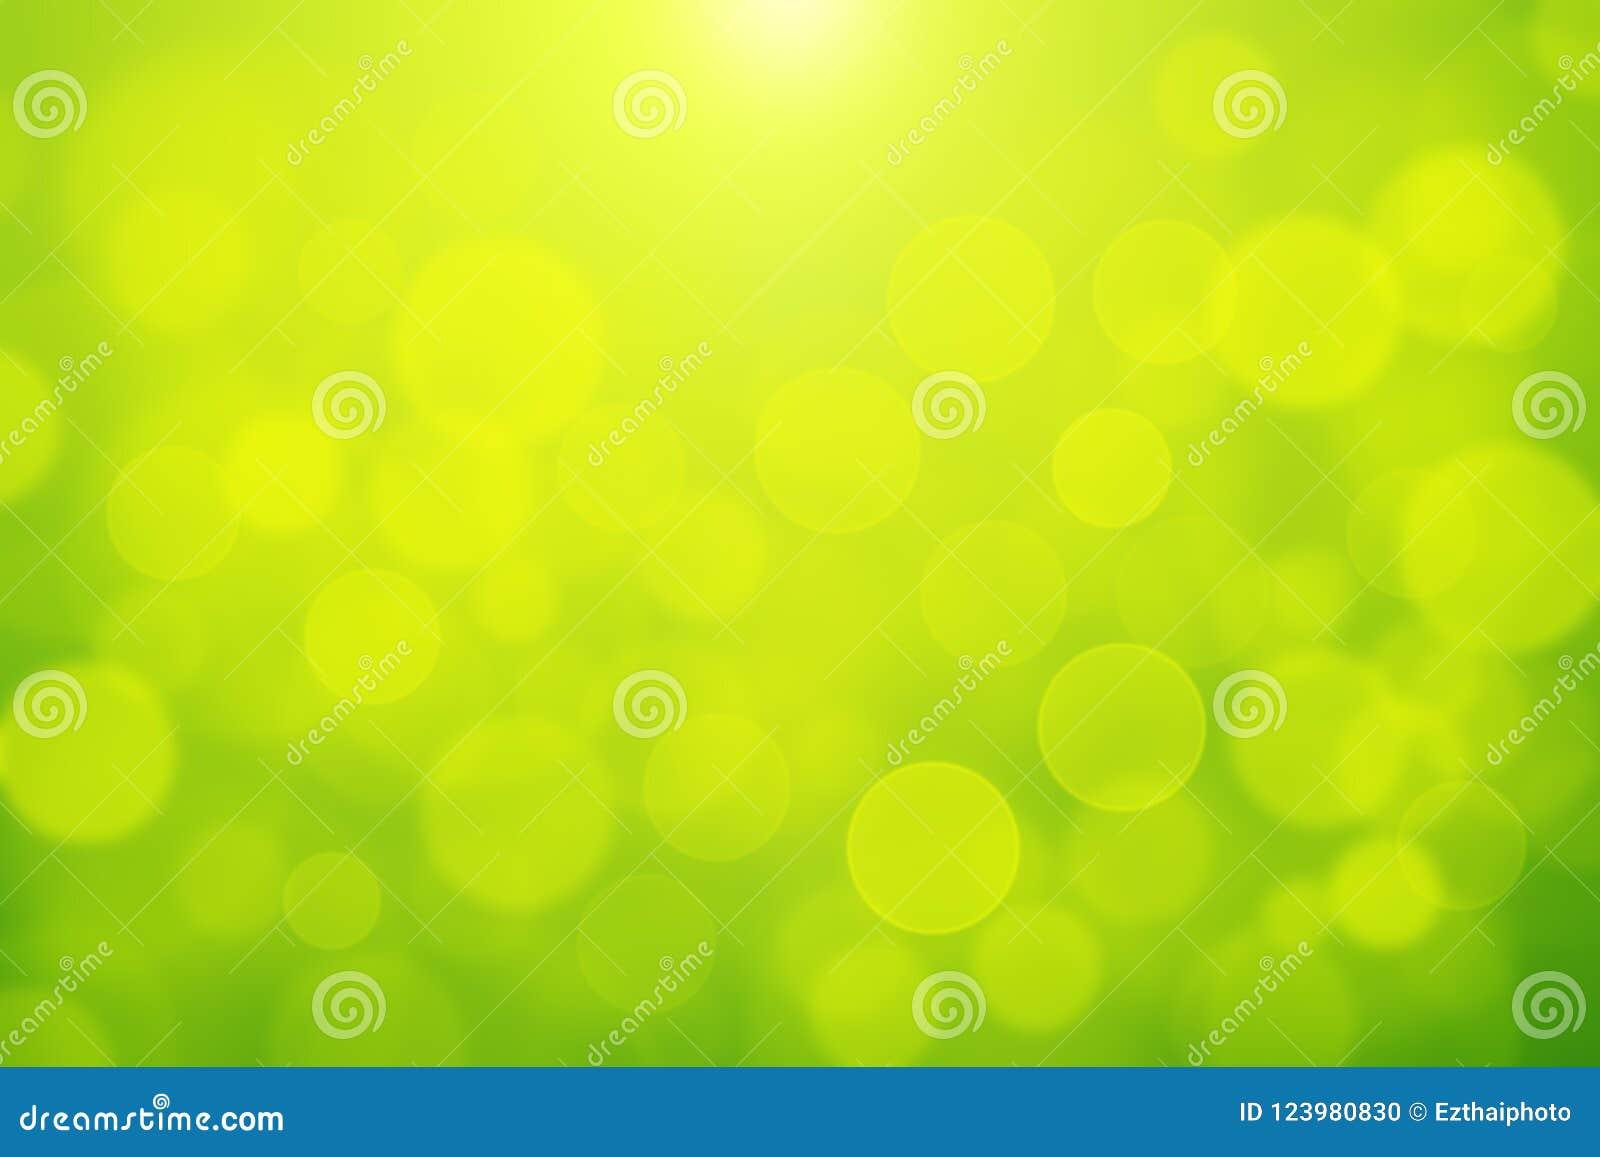 在黄色和绿色背景的绿色bokeh摘要光背景blurly白色bokeh